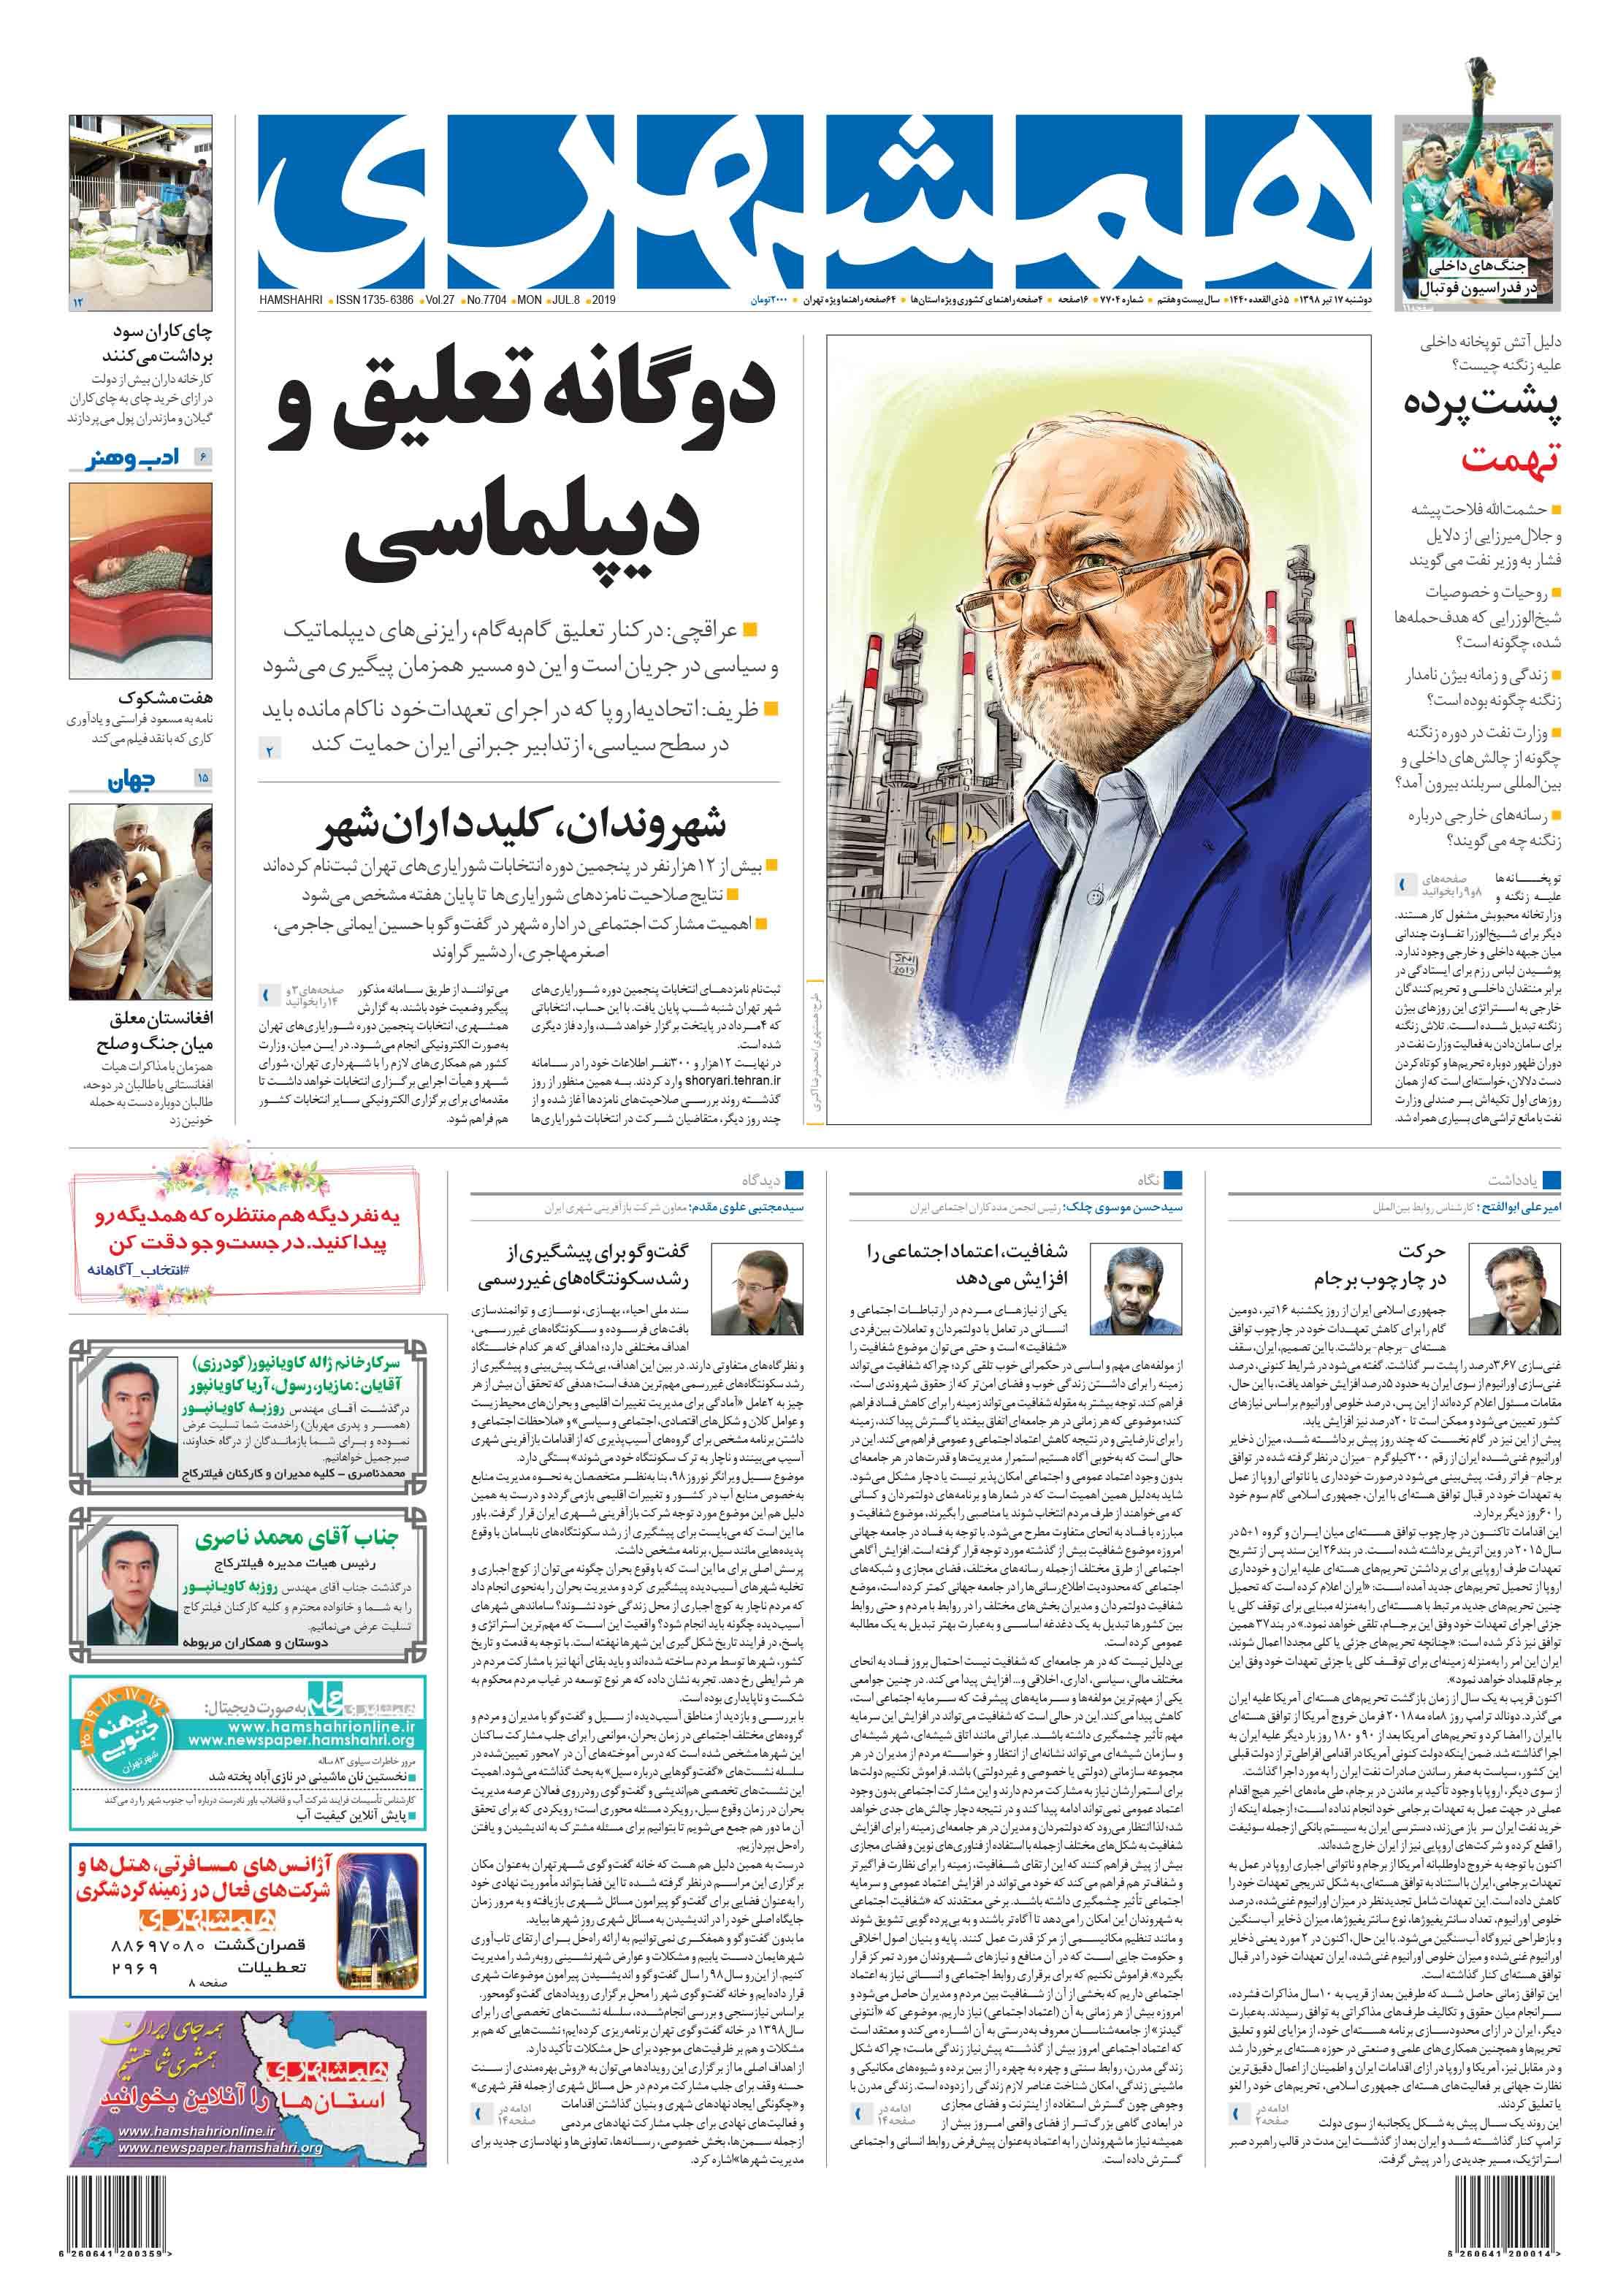 صفحه اول دوشنبه 17 تیر 1398